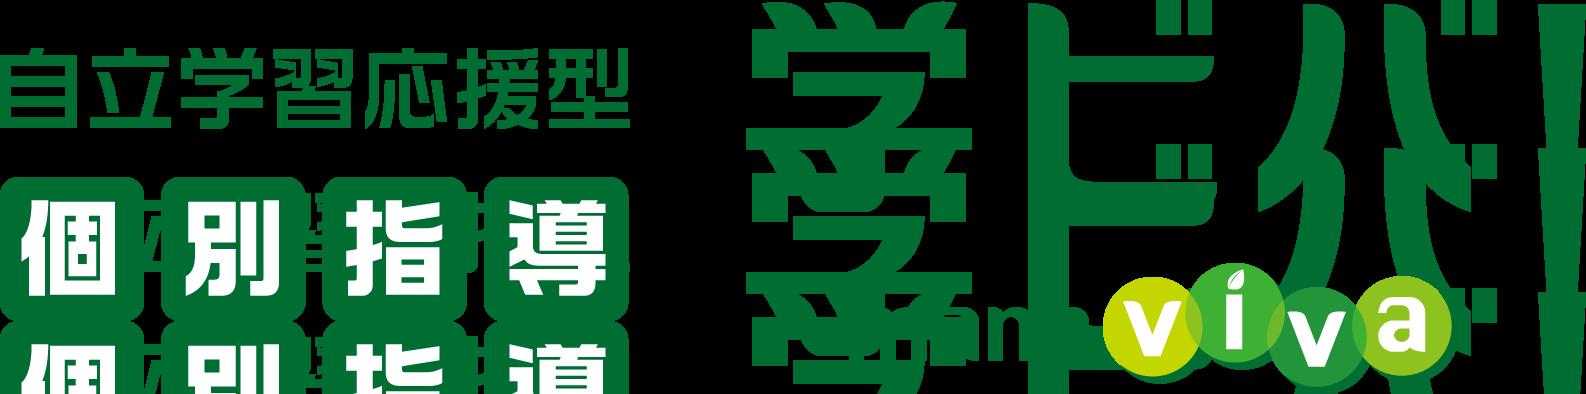 学校/教育/学習塾/レッスン系とロゴタイプ(文字のみのデザイン)と緑のロゴ